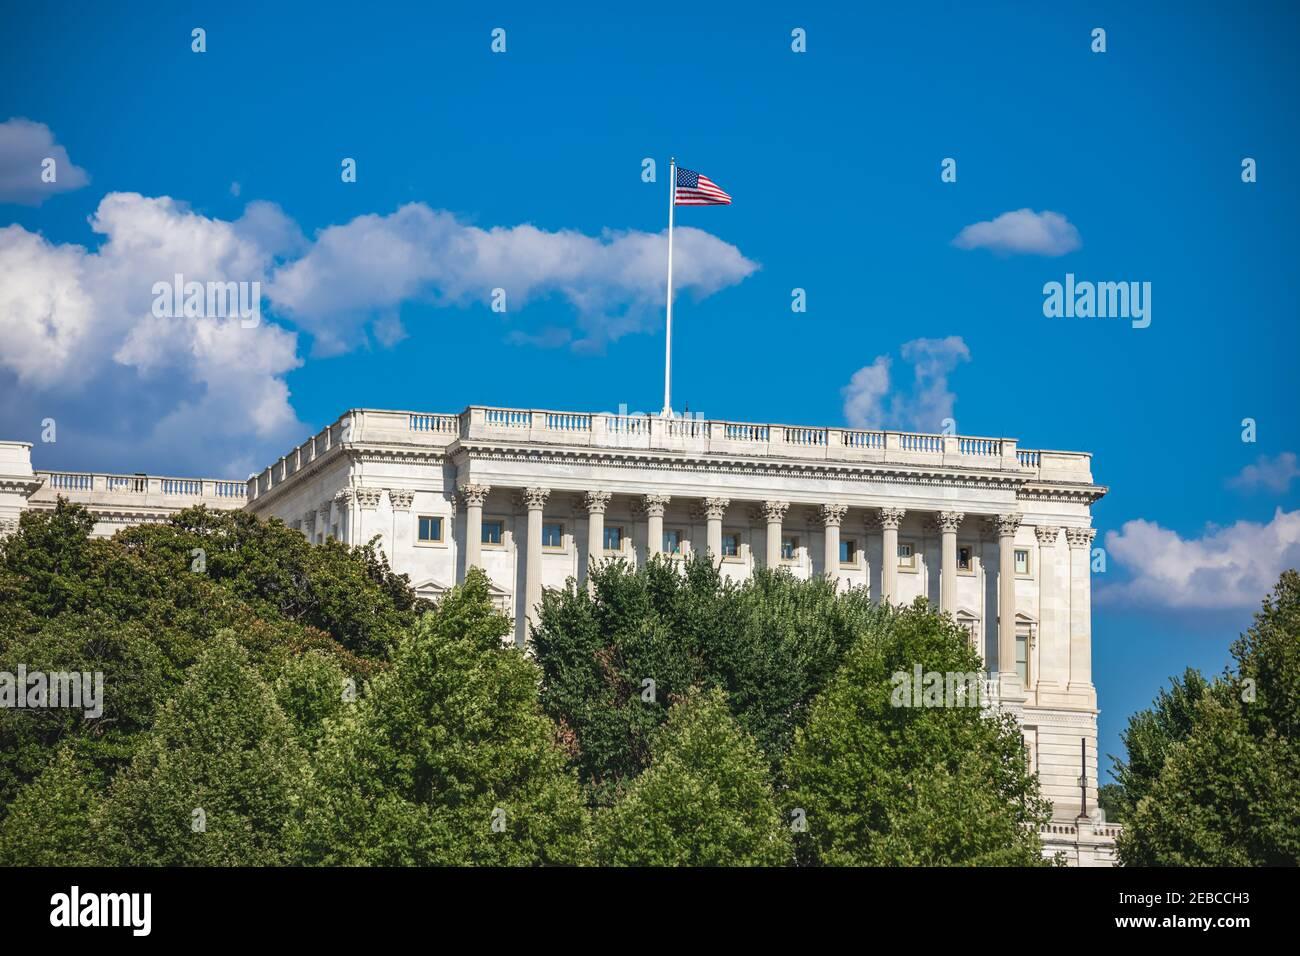 Esterno della Camera dei rappresentanti del Campidoglio degli Stati Uniti a Washington, DC, con una bandiera americana che batte in alto Foto Stock